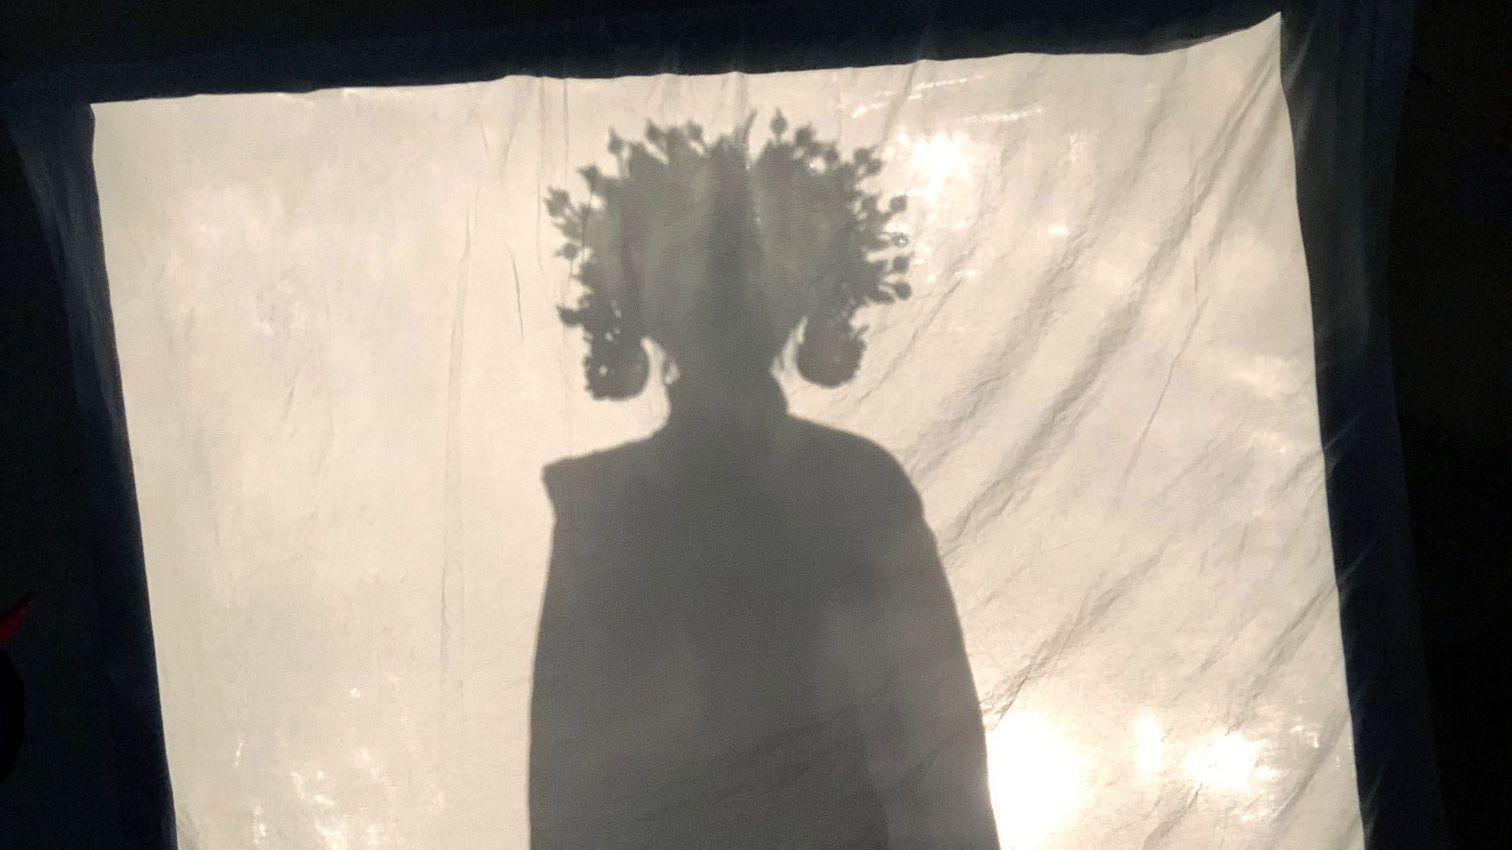 Mehr als einen Schattenriss gab es von der Dietfurter Drachenprinzessin noch nicht zu sehen. Wer hinter der Figur steckt, ist noch geheim.